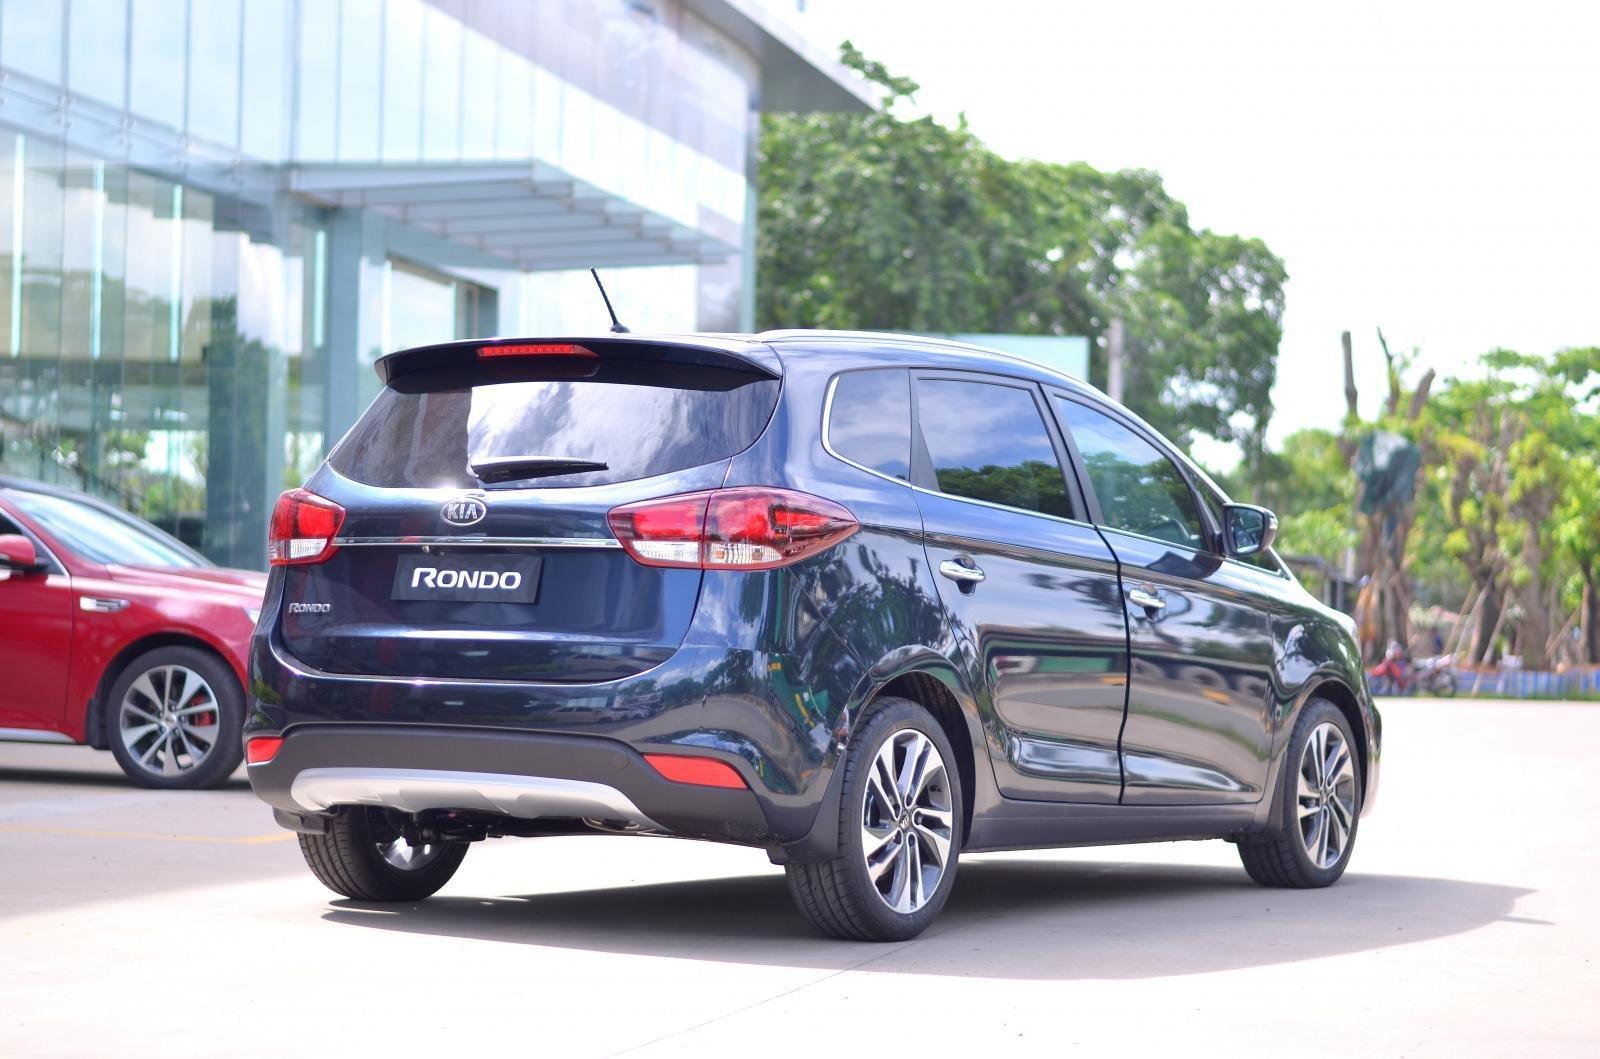 Xe Kia Rondo 2019 giá ưu đãi có xe giao ngay, số lượng xe có hạn (5)